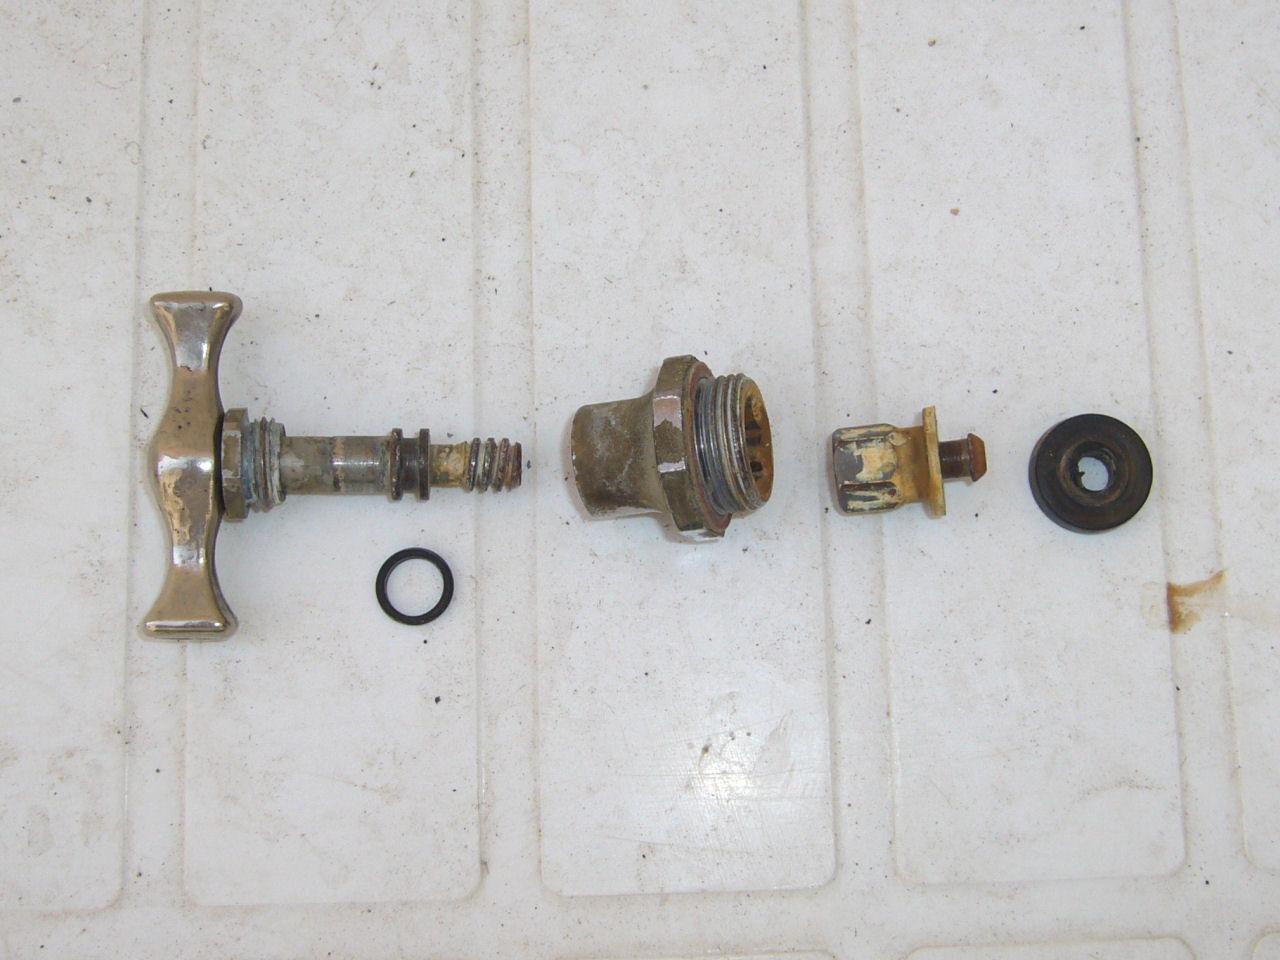 Cambiare la guarnizione di un rubinetto che gocciola - Cambiare rubinetto bagno ...